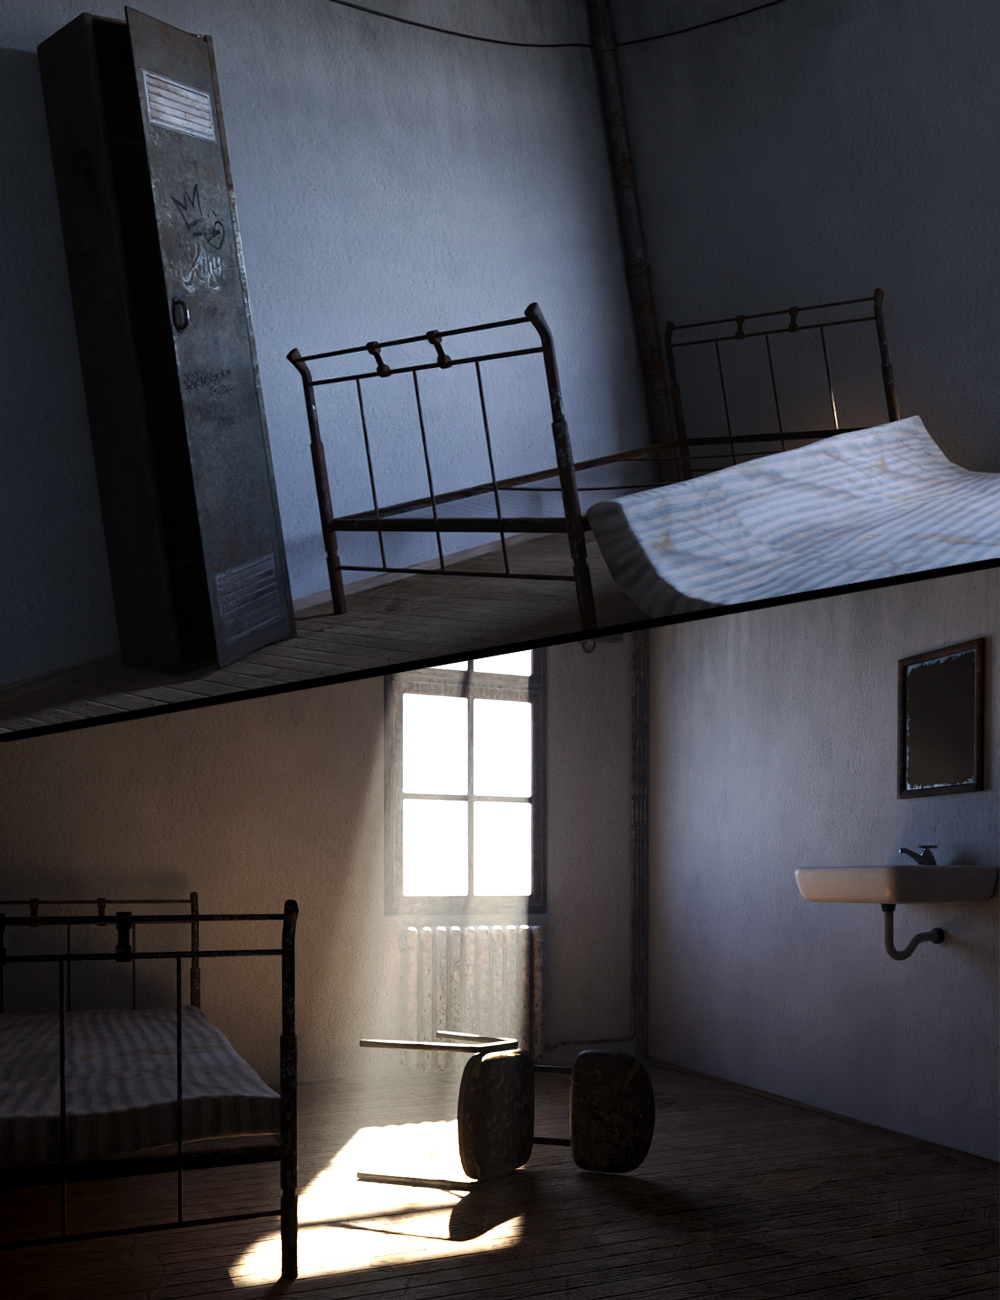 Old Room by: Mytilus3dLab, 3D Models by Daz 3D